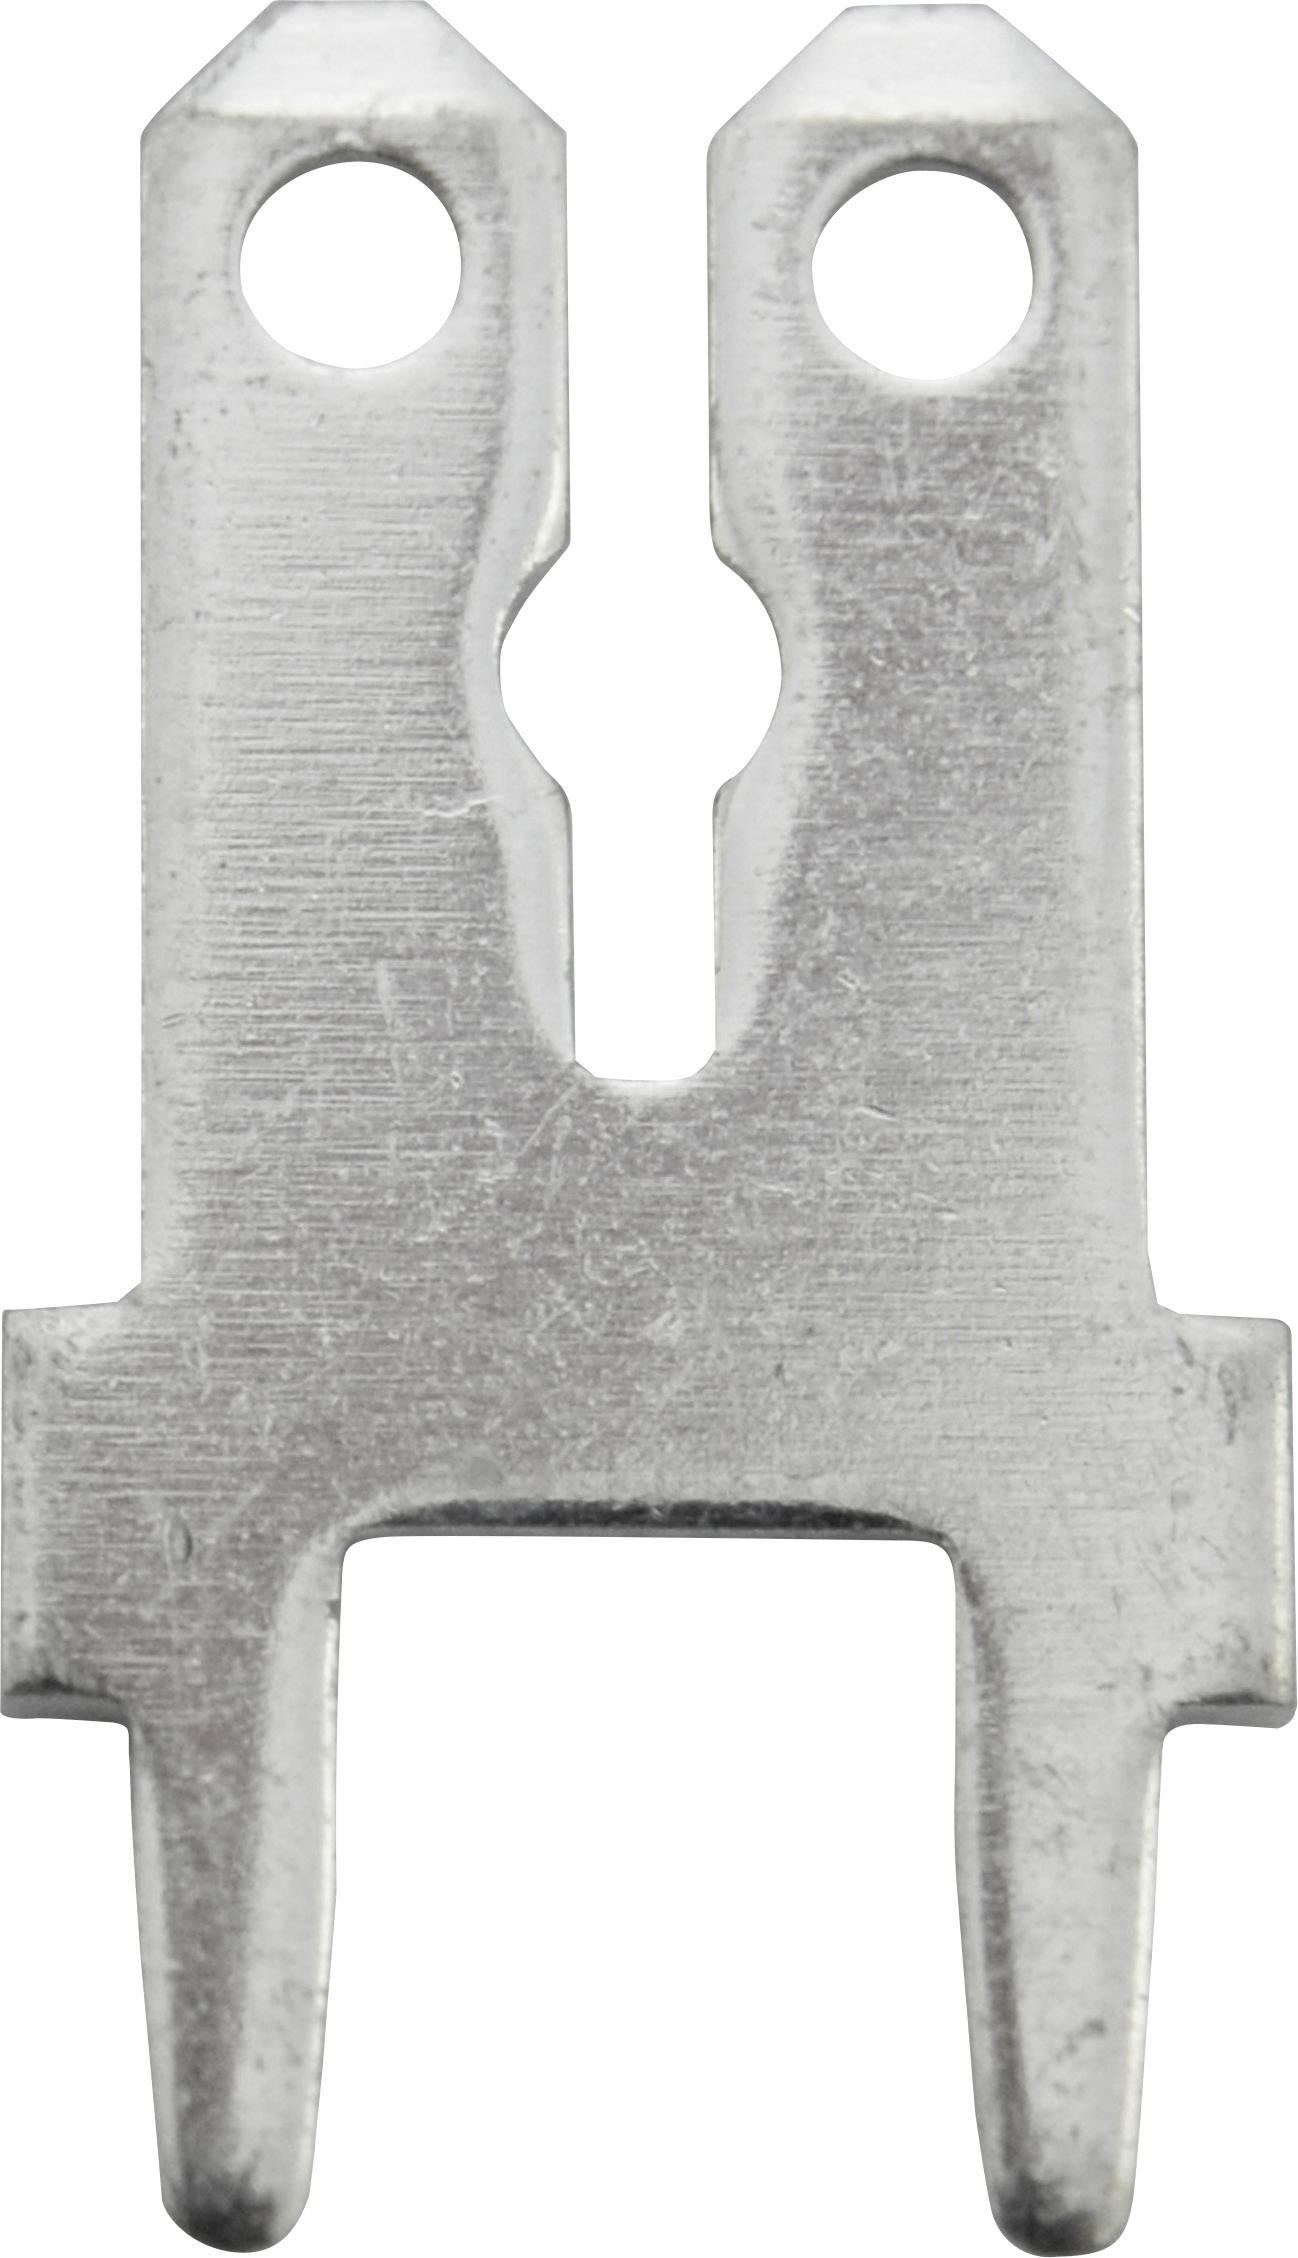 Jazýček konektora Vogt Verbindungstechnik 3866C.68 6.3 mm x 0.8 mm, 180 °, neizolované, kov, 1 ks